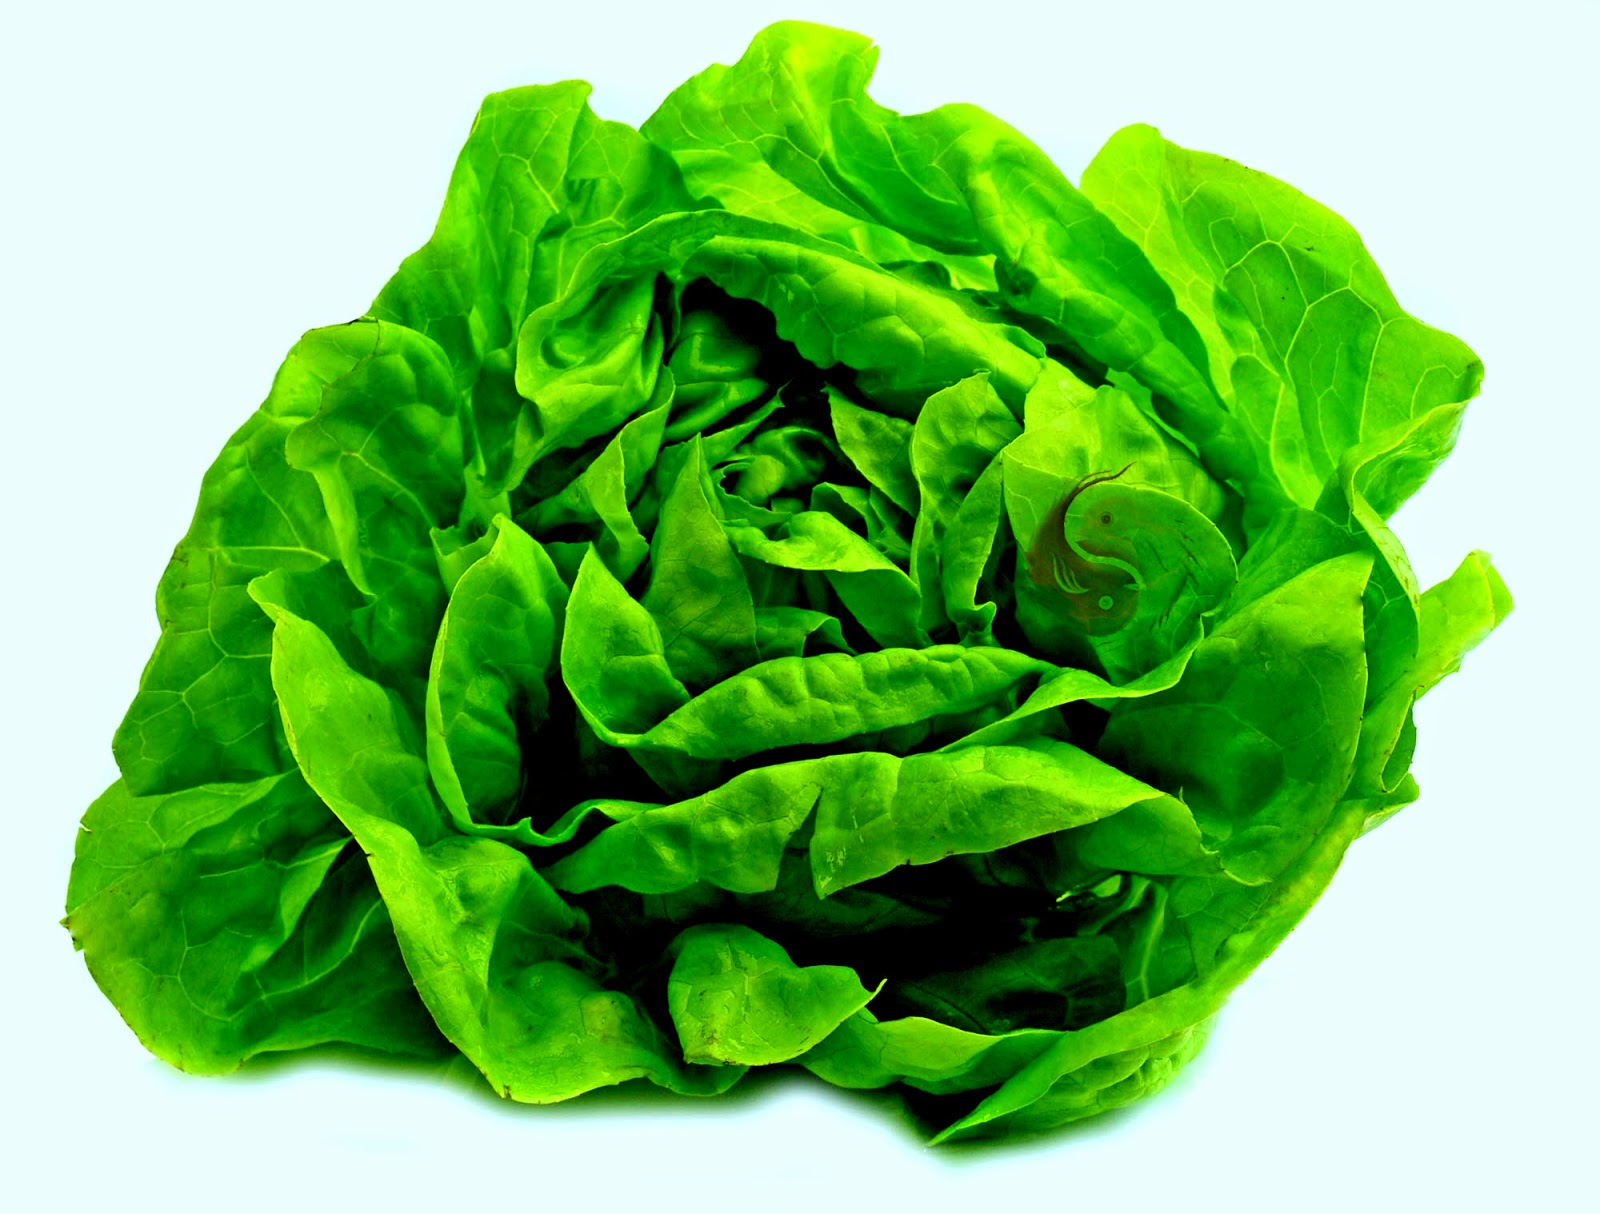 comidas anti acido urico acido urico alimentos prohibidos tomate acido urico hinchazon pie